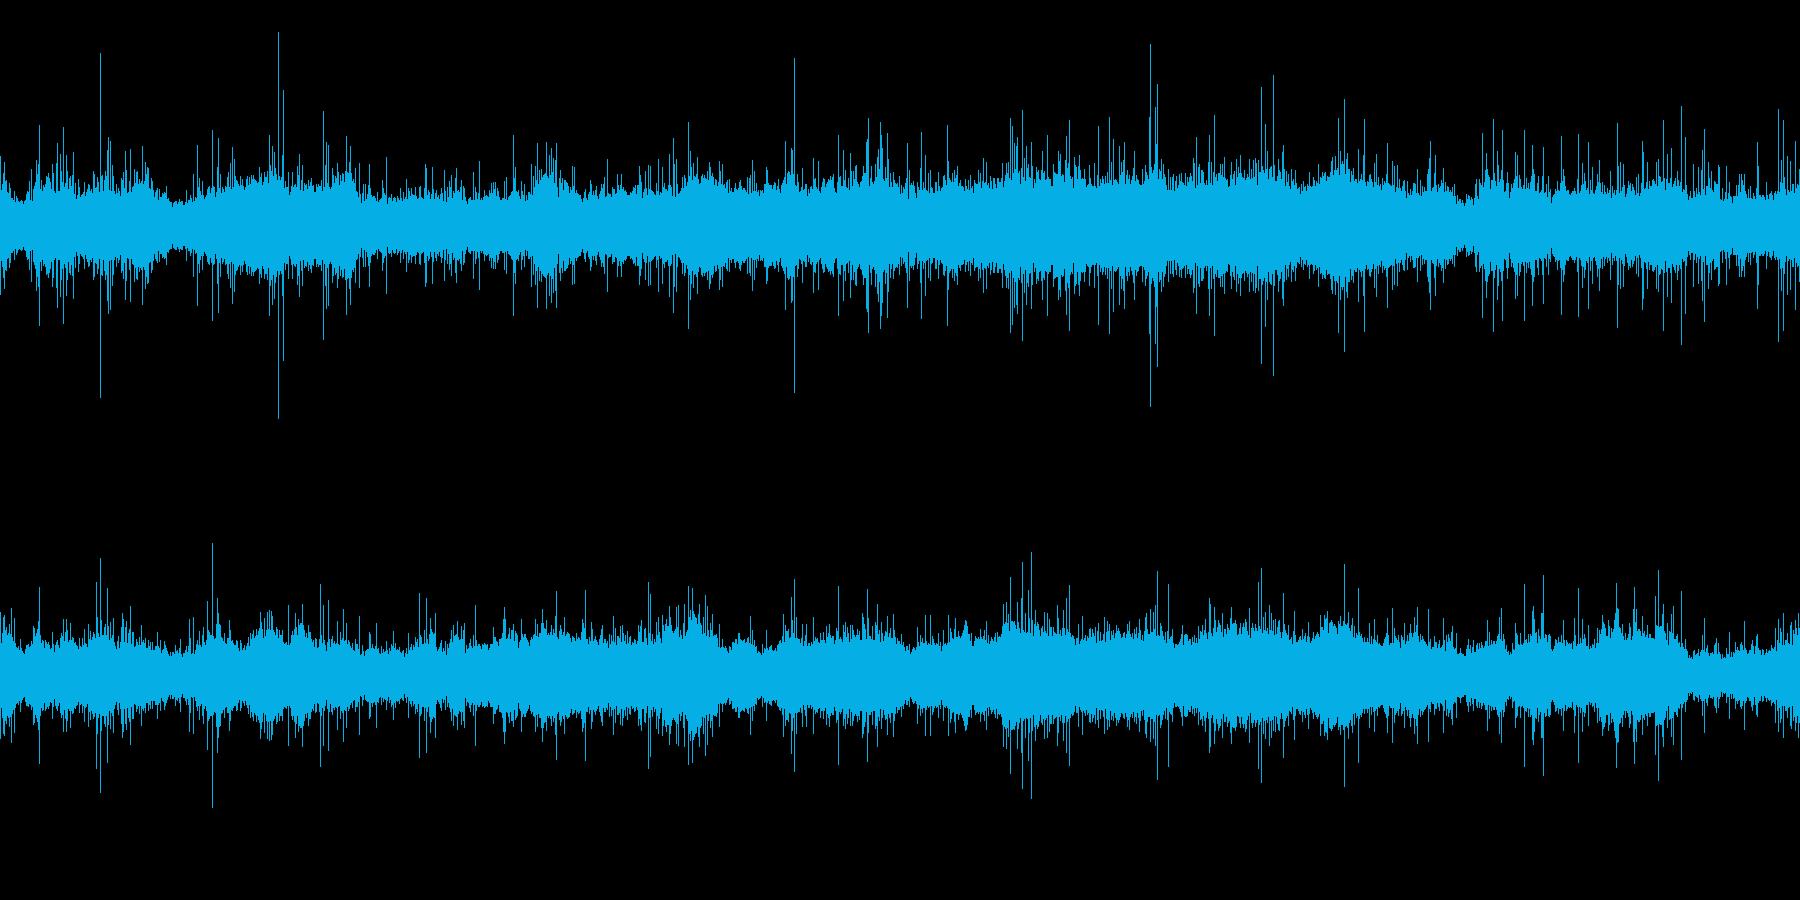 クリアな波音の再生済みの波形